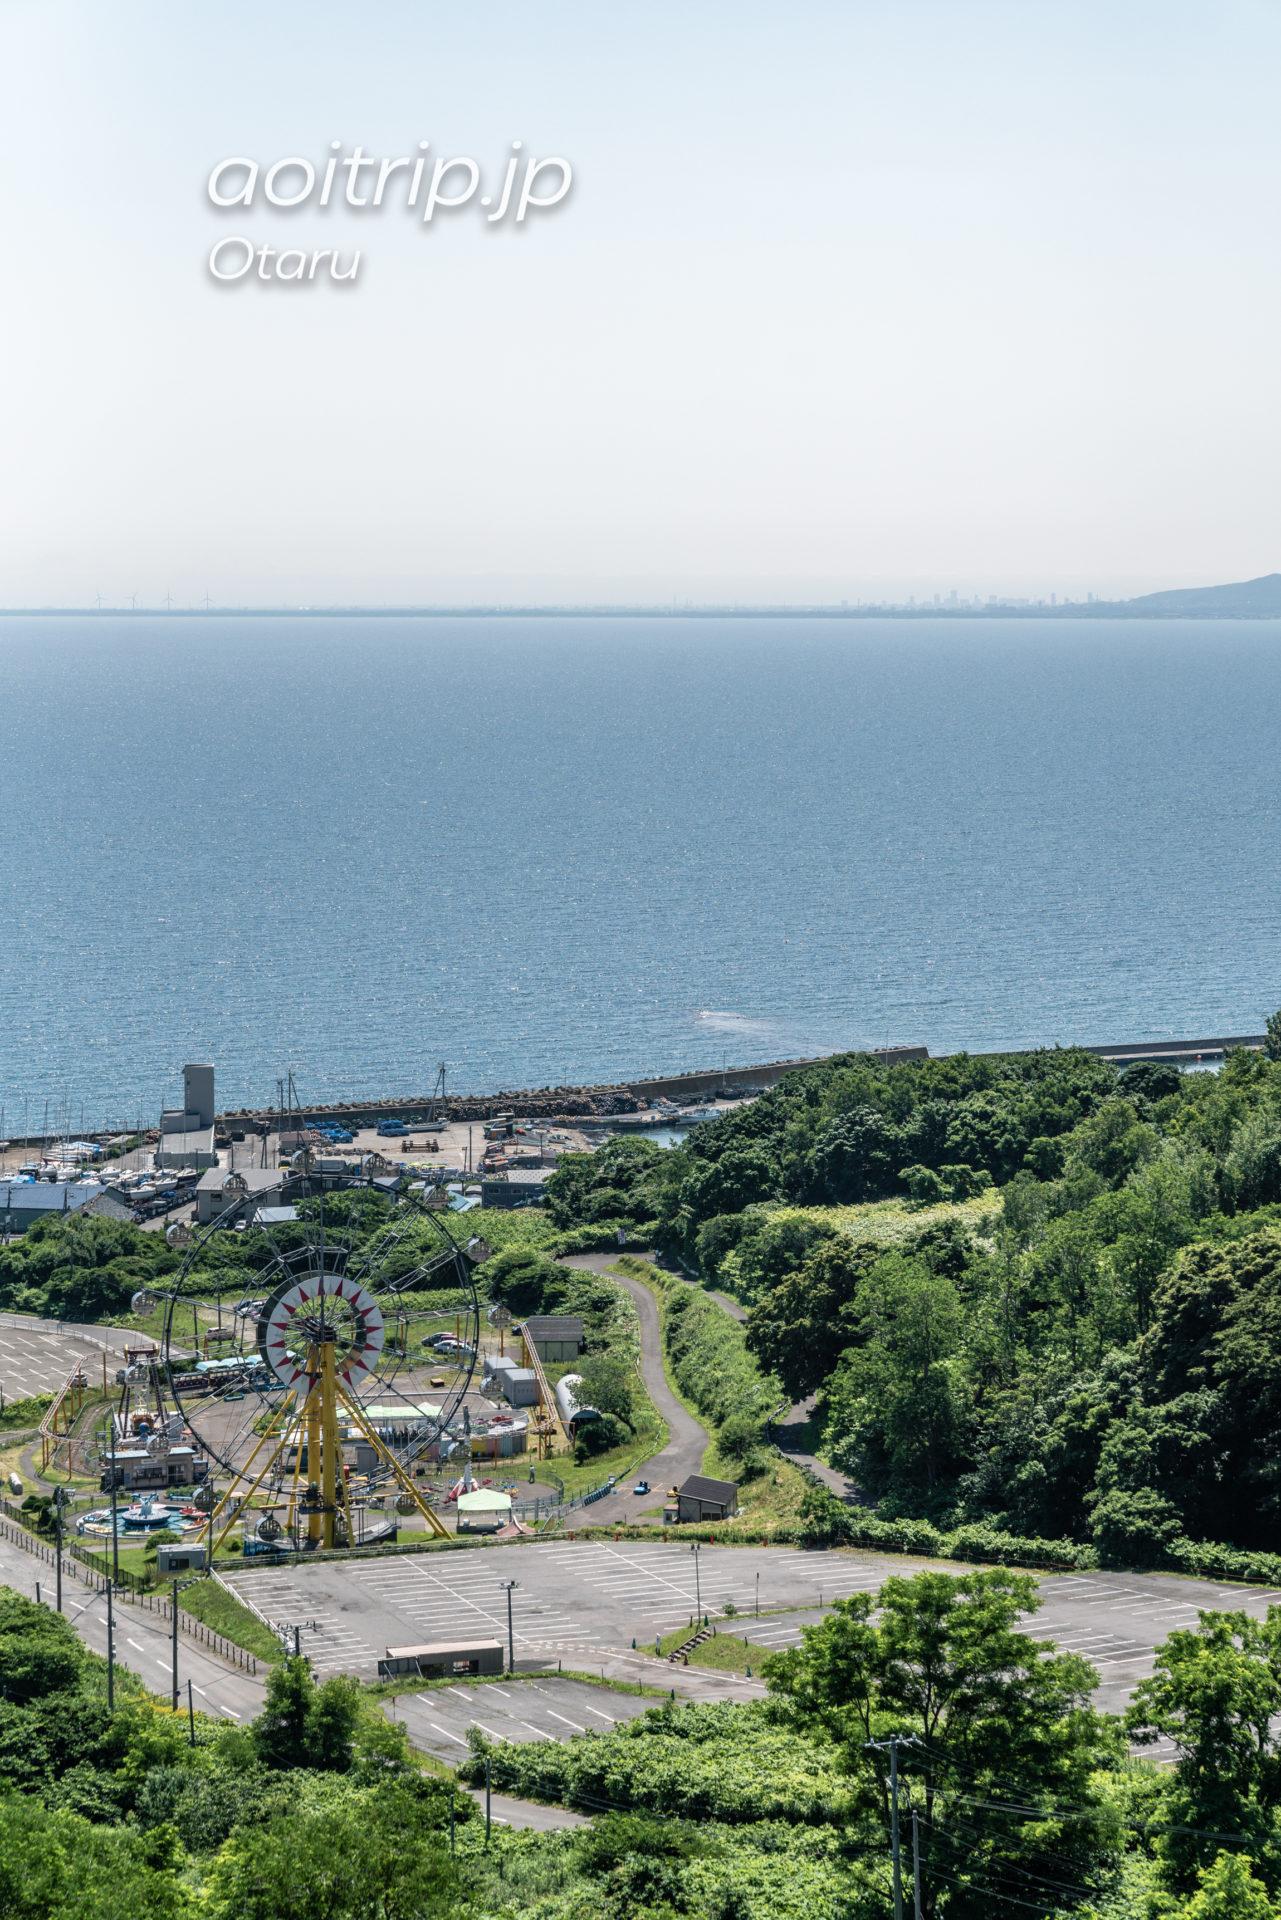 ホテルノイシュロス小樽 6Fの展望デッキ